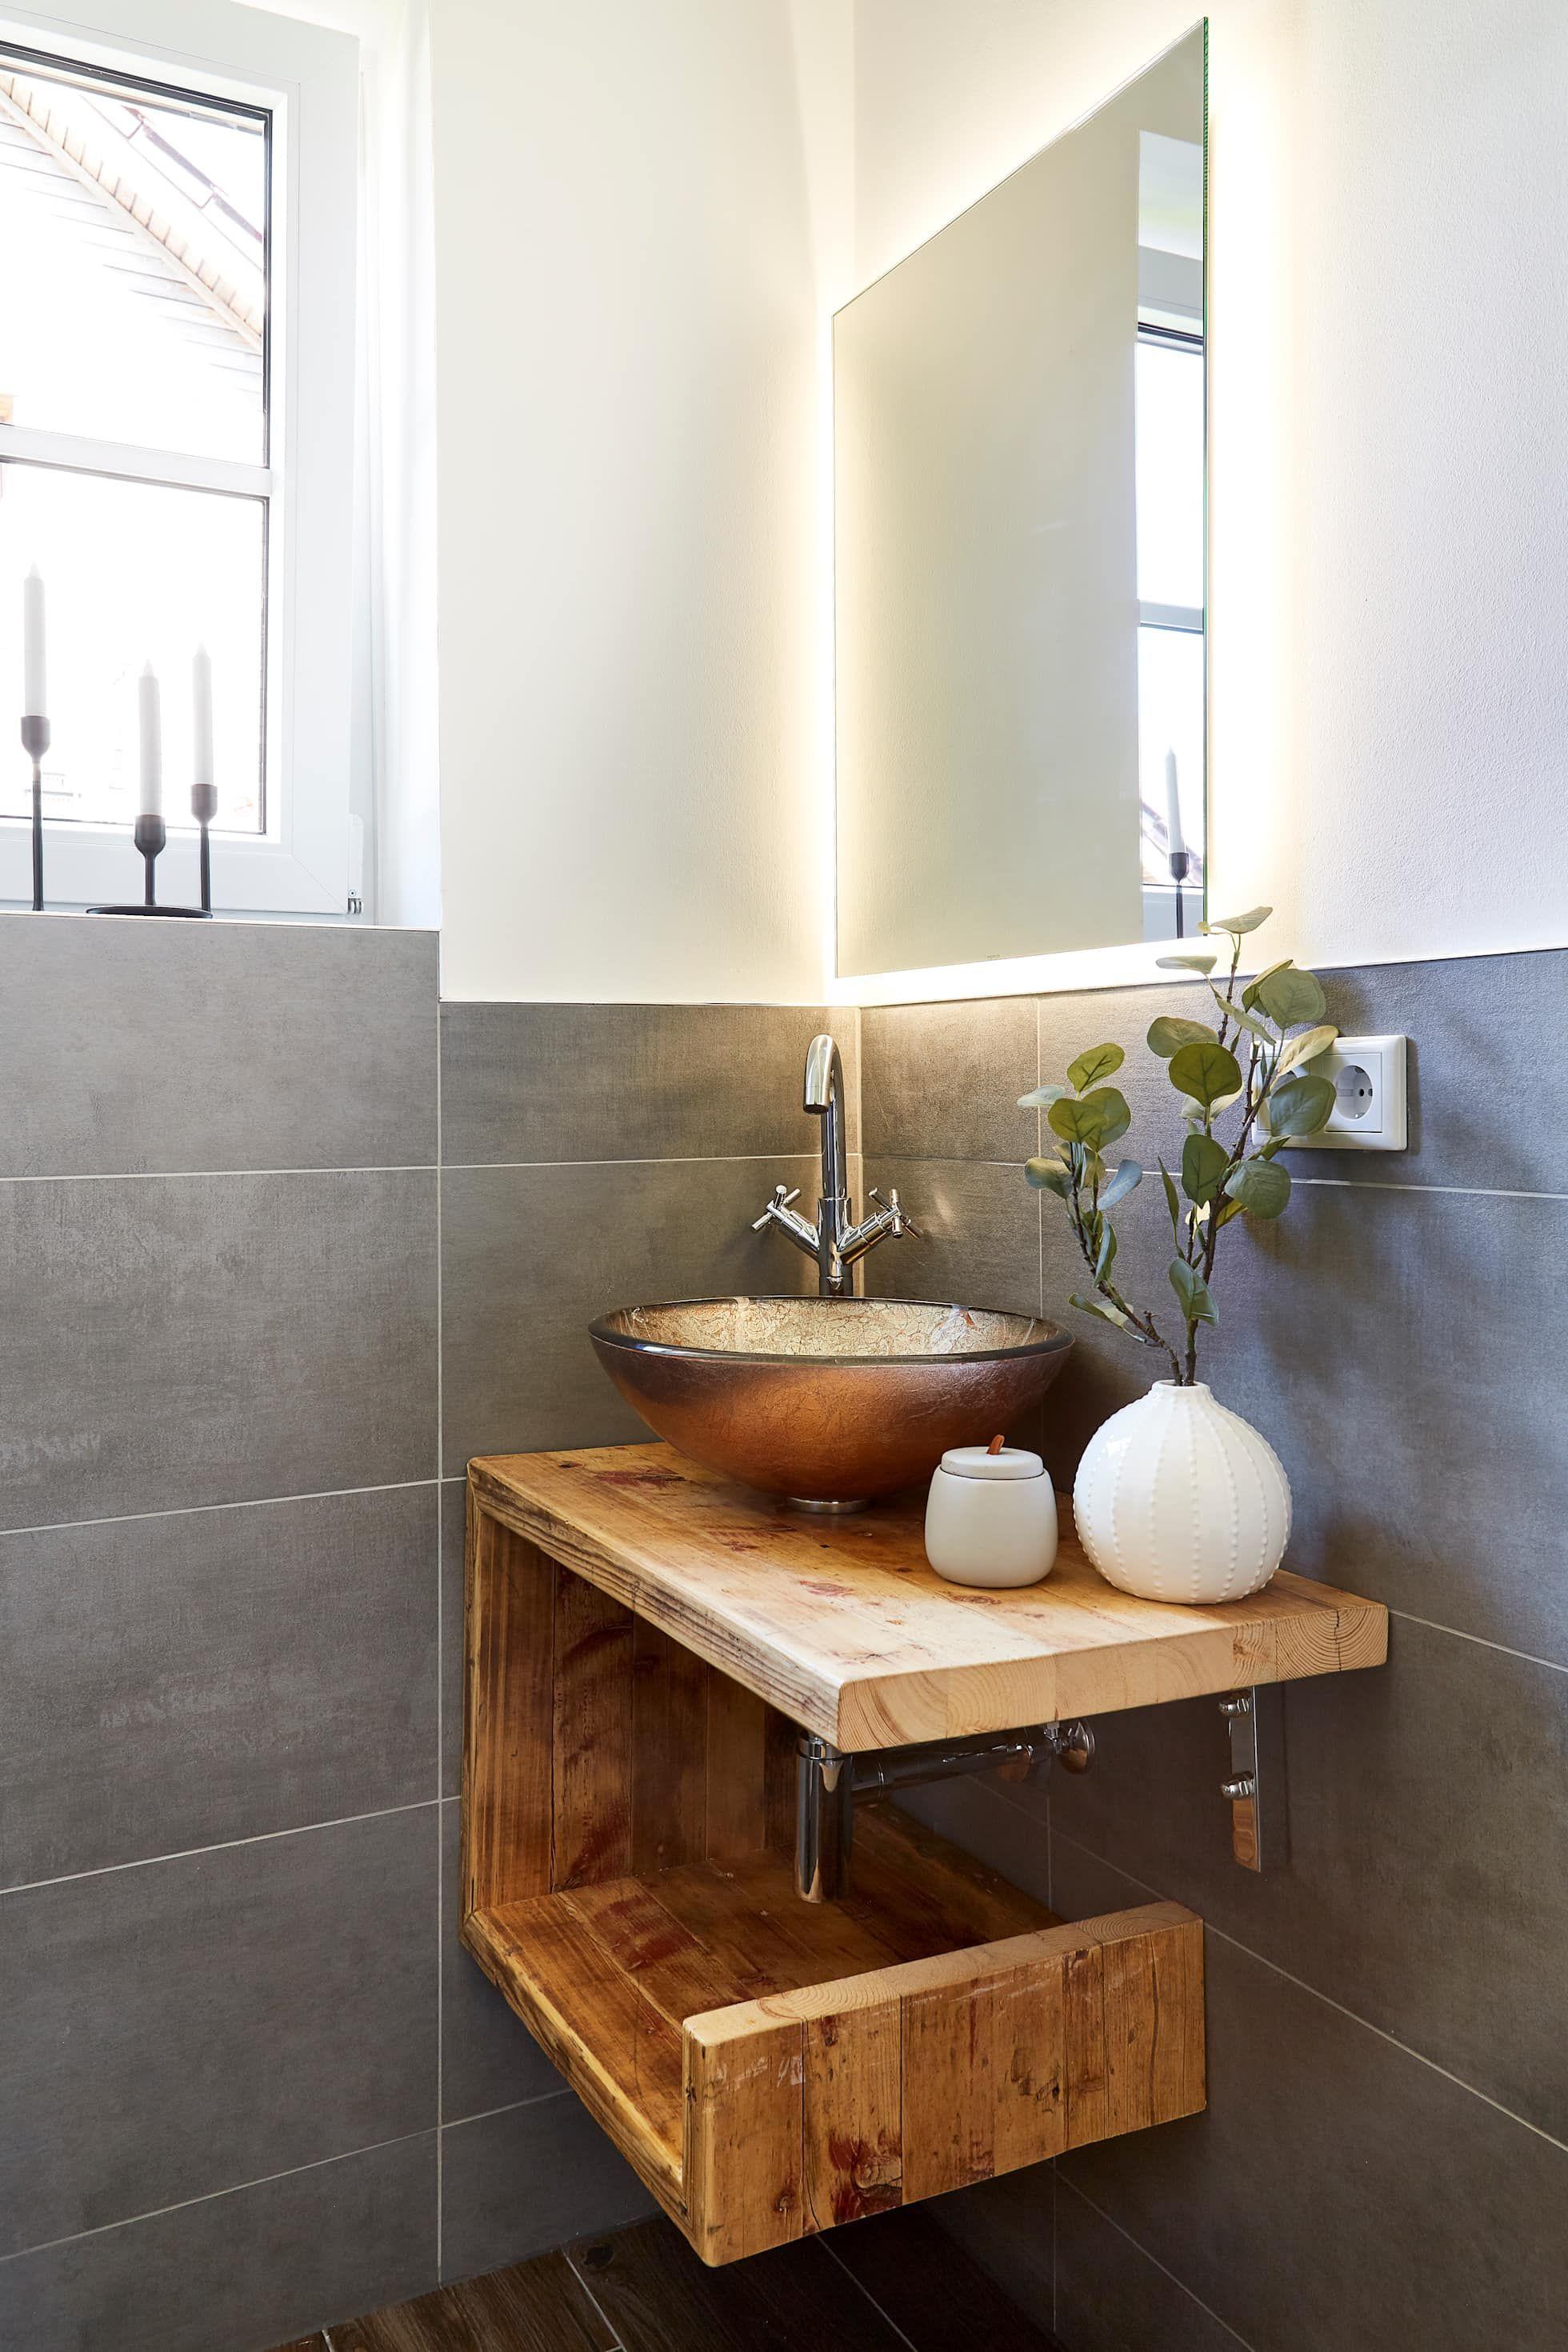 Gastebad Im Landhausstil Moderne Badezimmer Von Banovo Gmbh Badezimmer Dekor Modernes Badezimmer Landliche Badezimmer